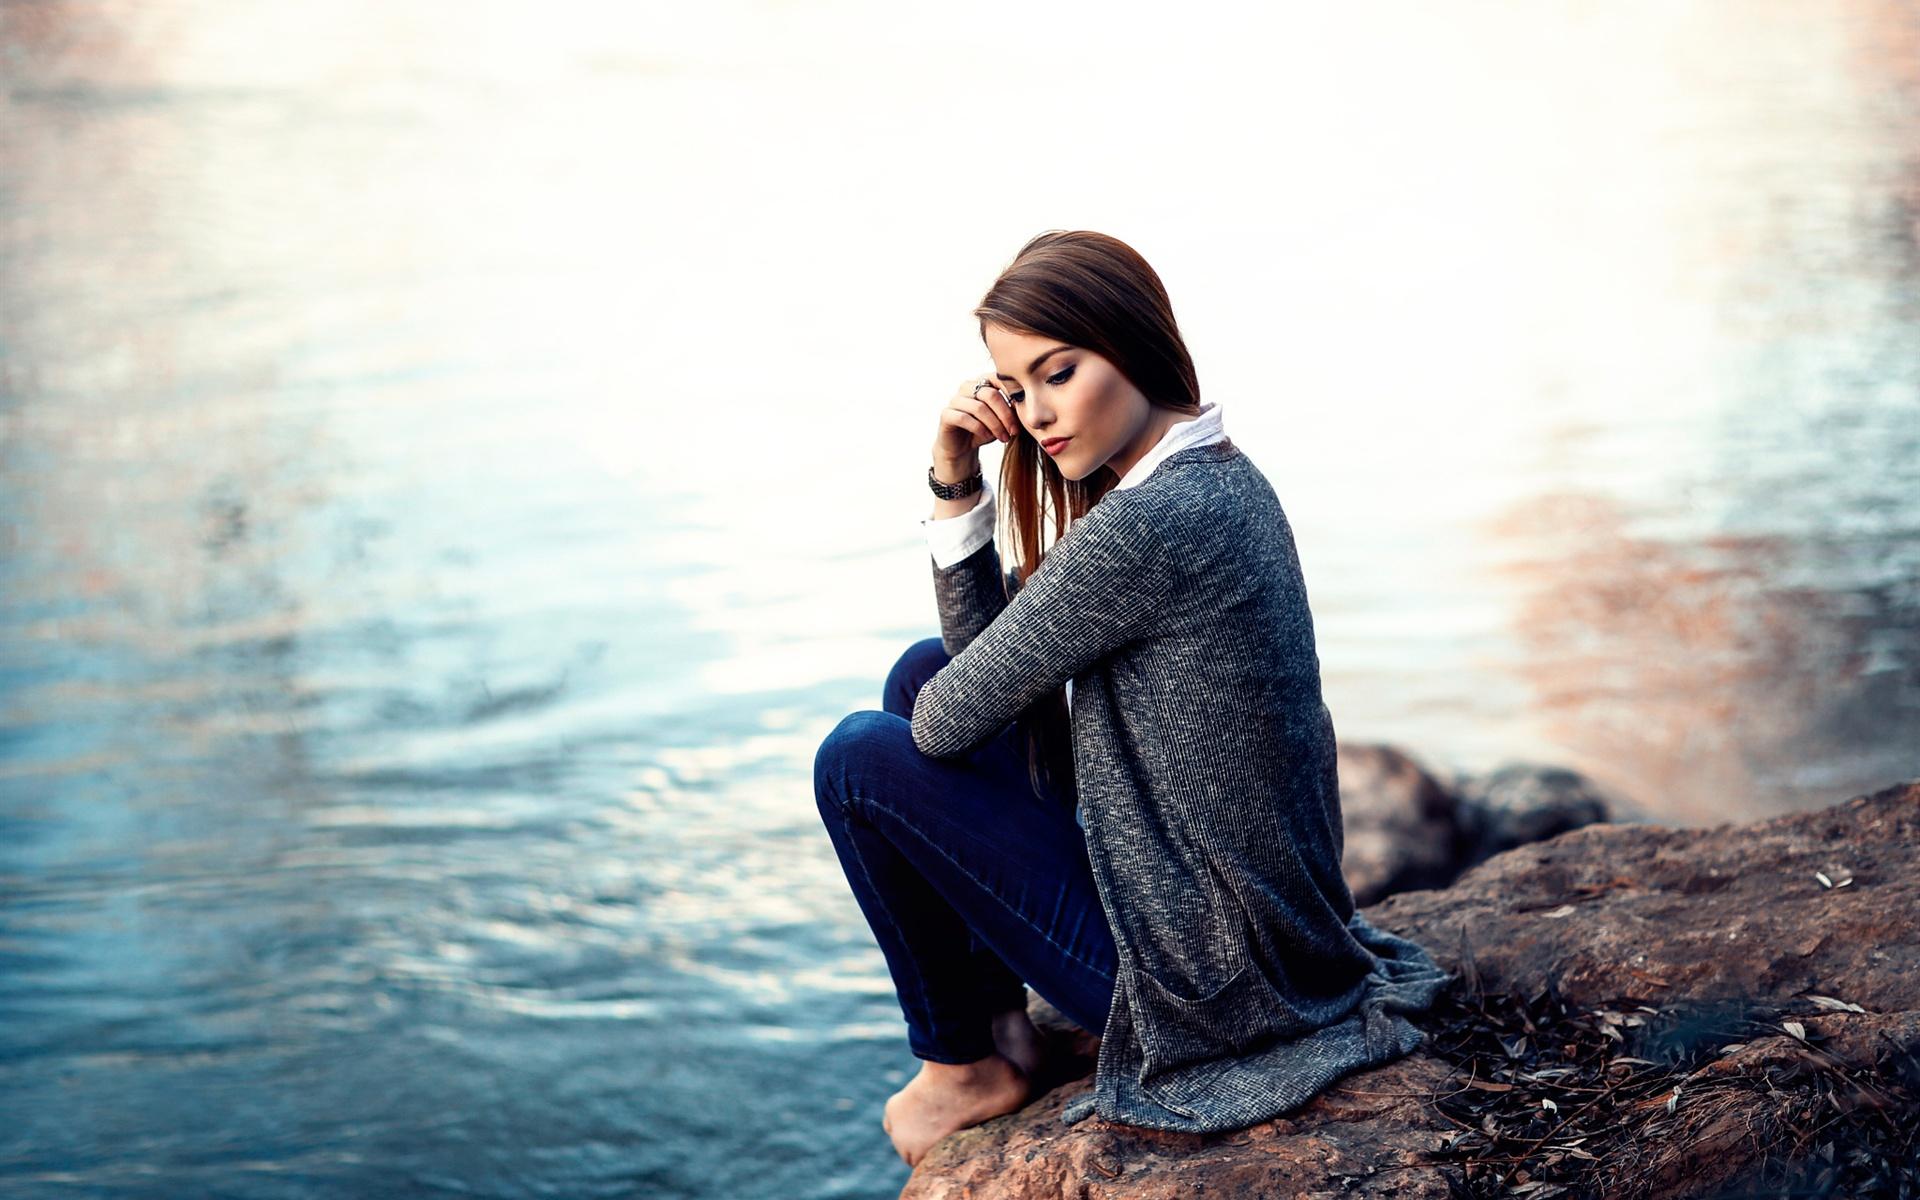 壁紙 女の子は湖畔に座って、思考している 1920x1200 HD 無料のデスクトップの背景, 画像